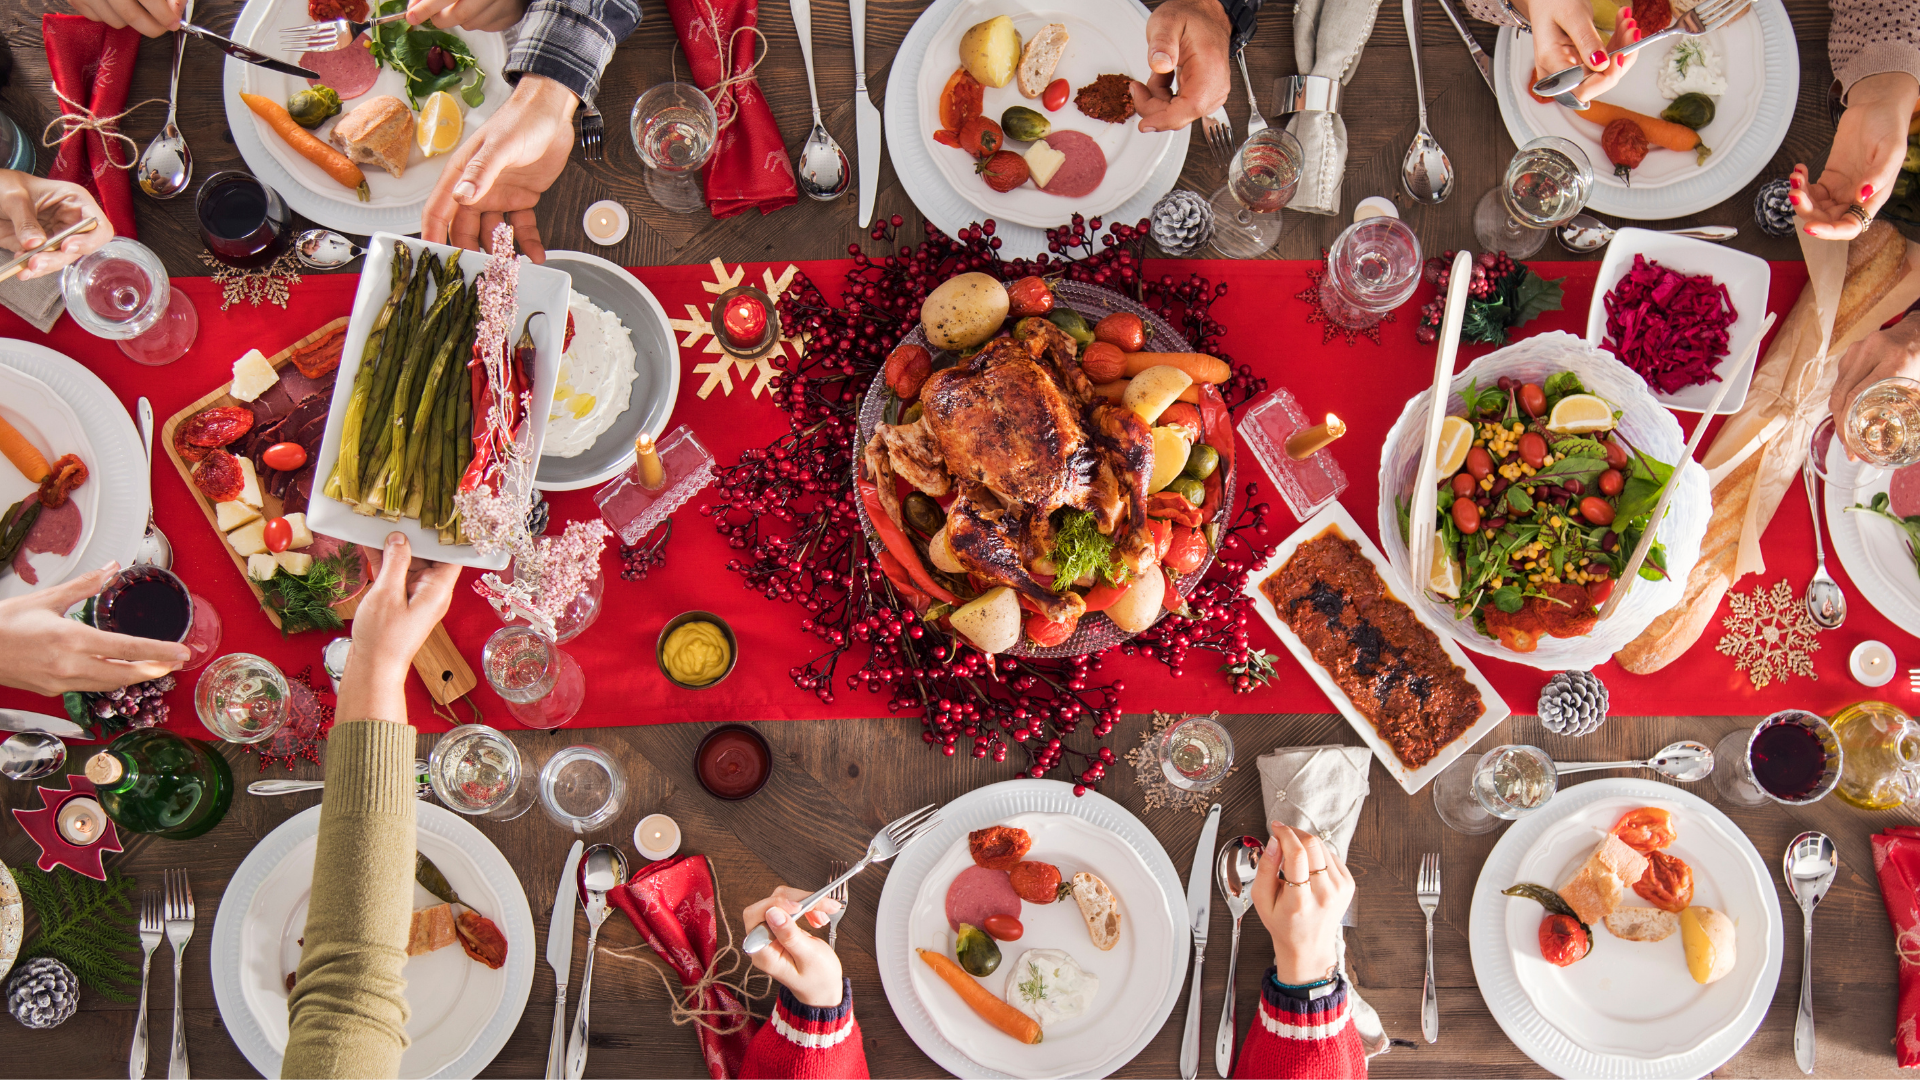 5 claves para evitar esos kilos de más esta Navidad